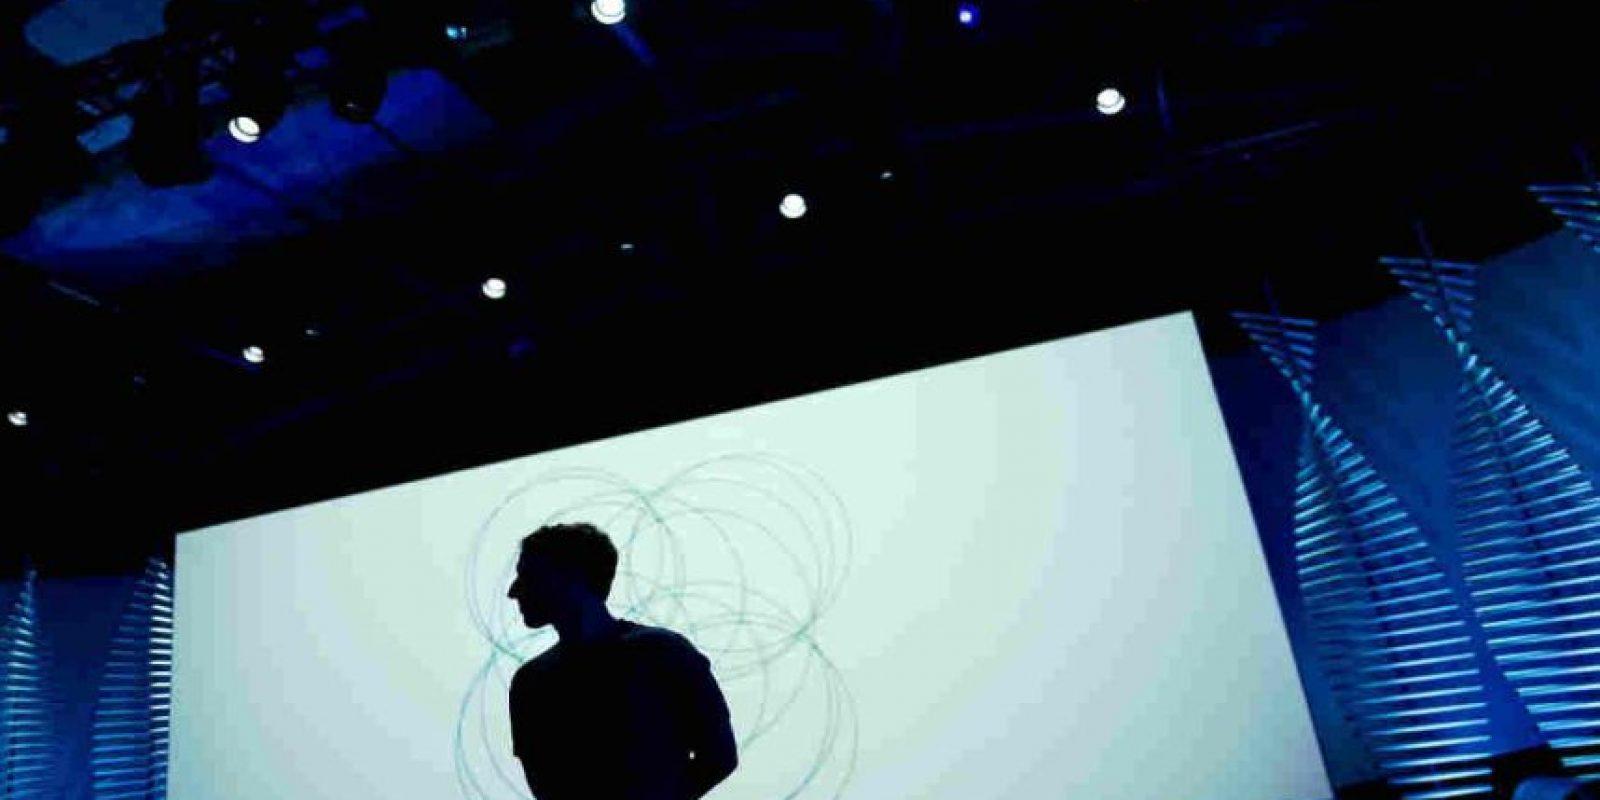 Mark anunció que se prepara para la F8. Foto:Facebook/Mark Zuckerberg